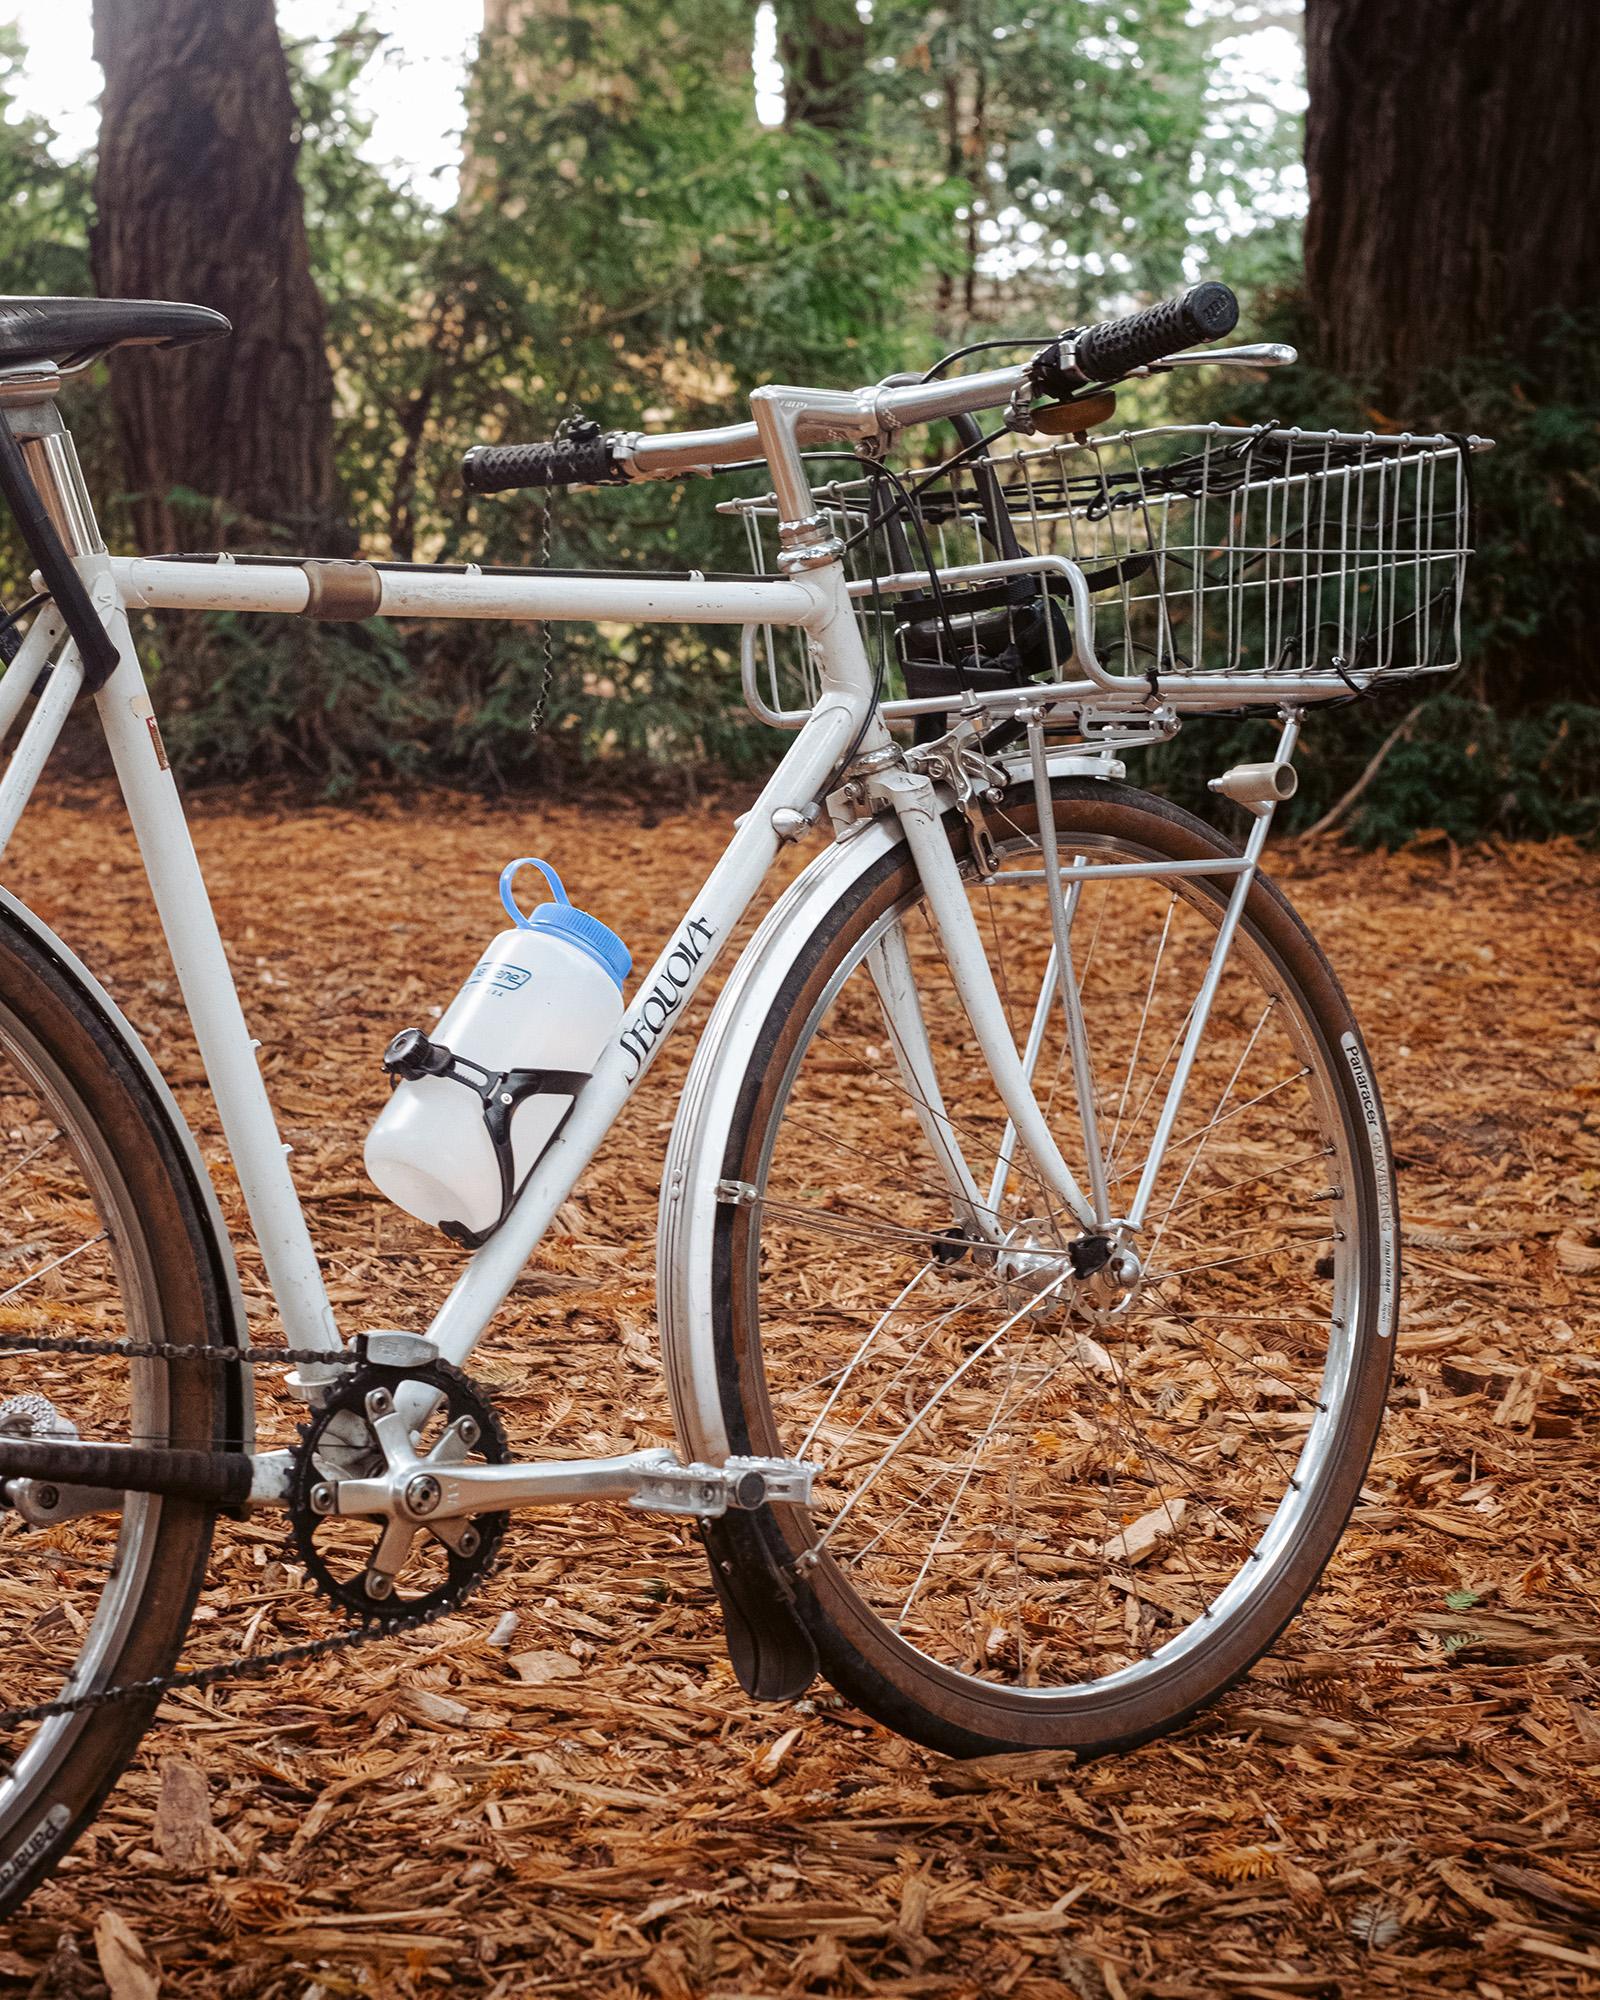 Sequoia-9296